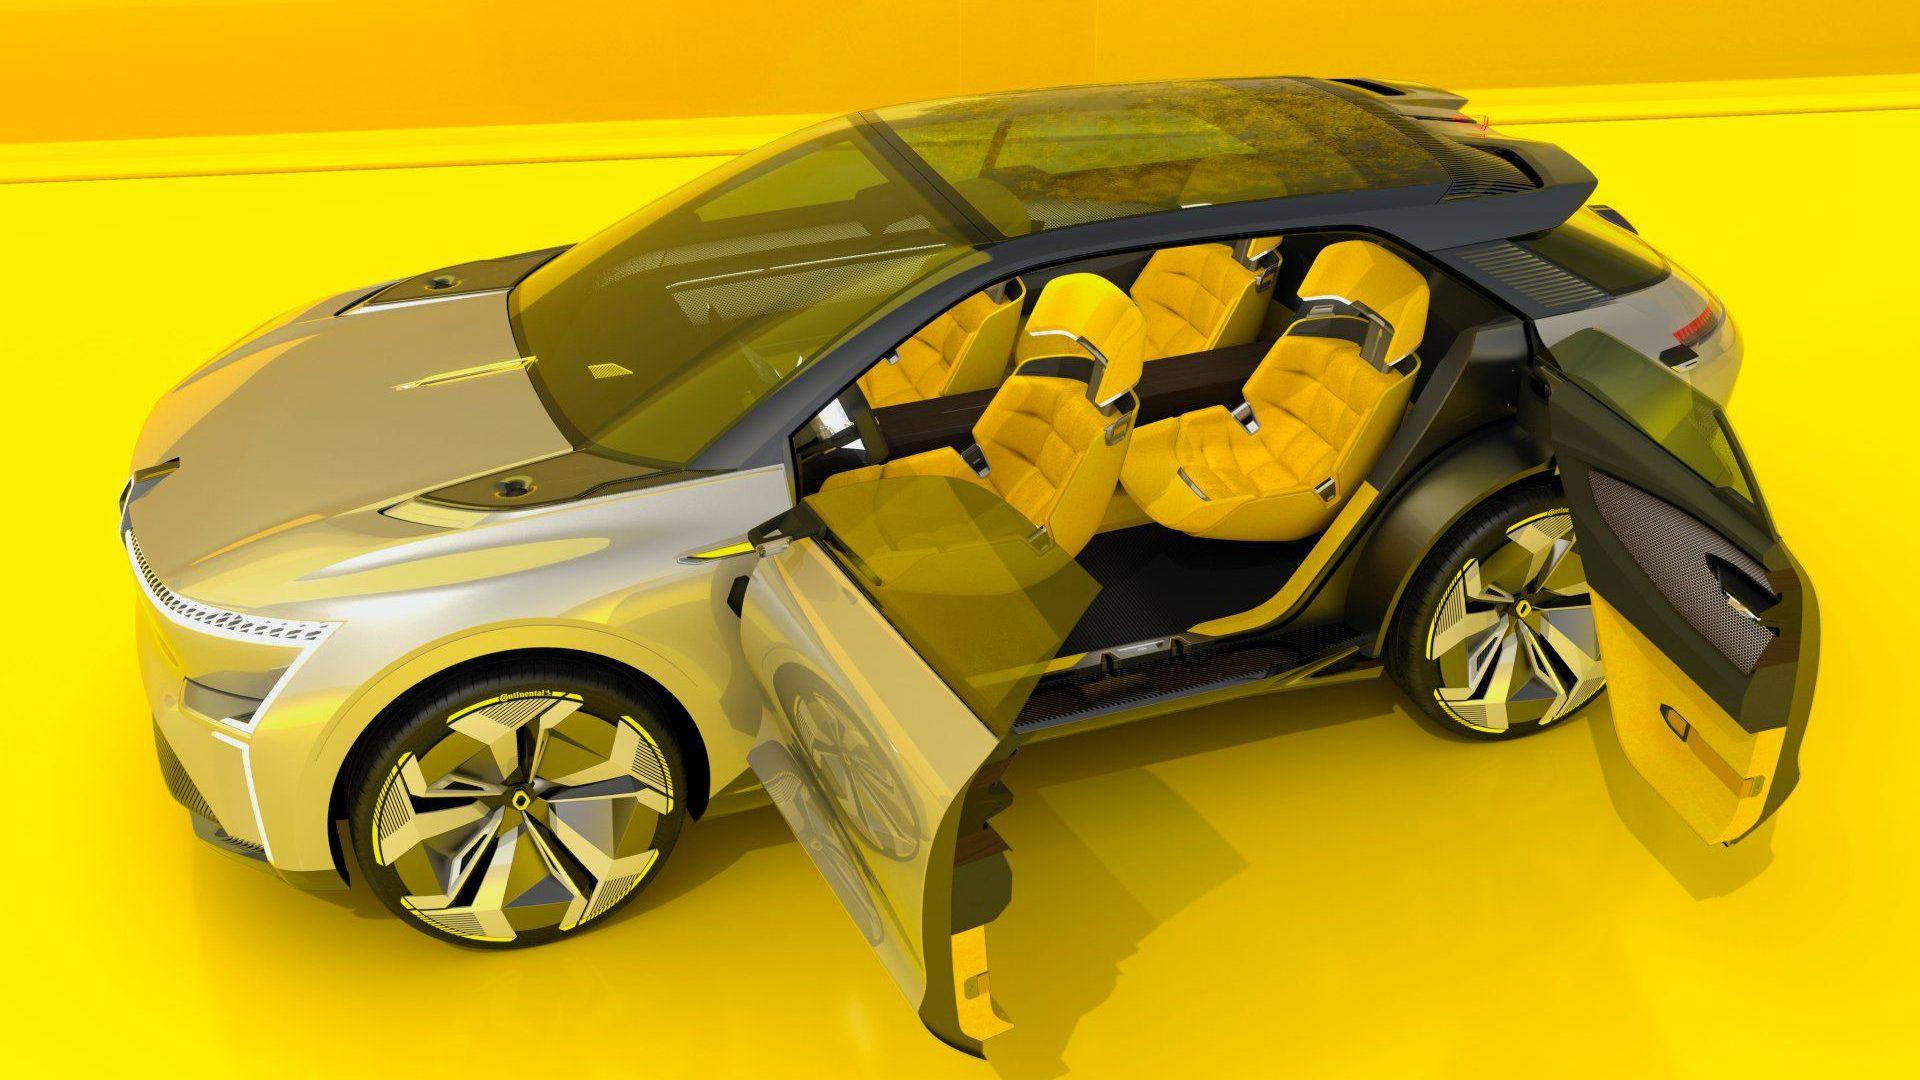 2020-Renault-Morphoz-Concept-029